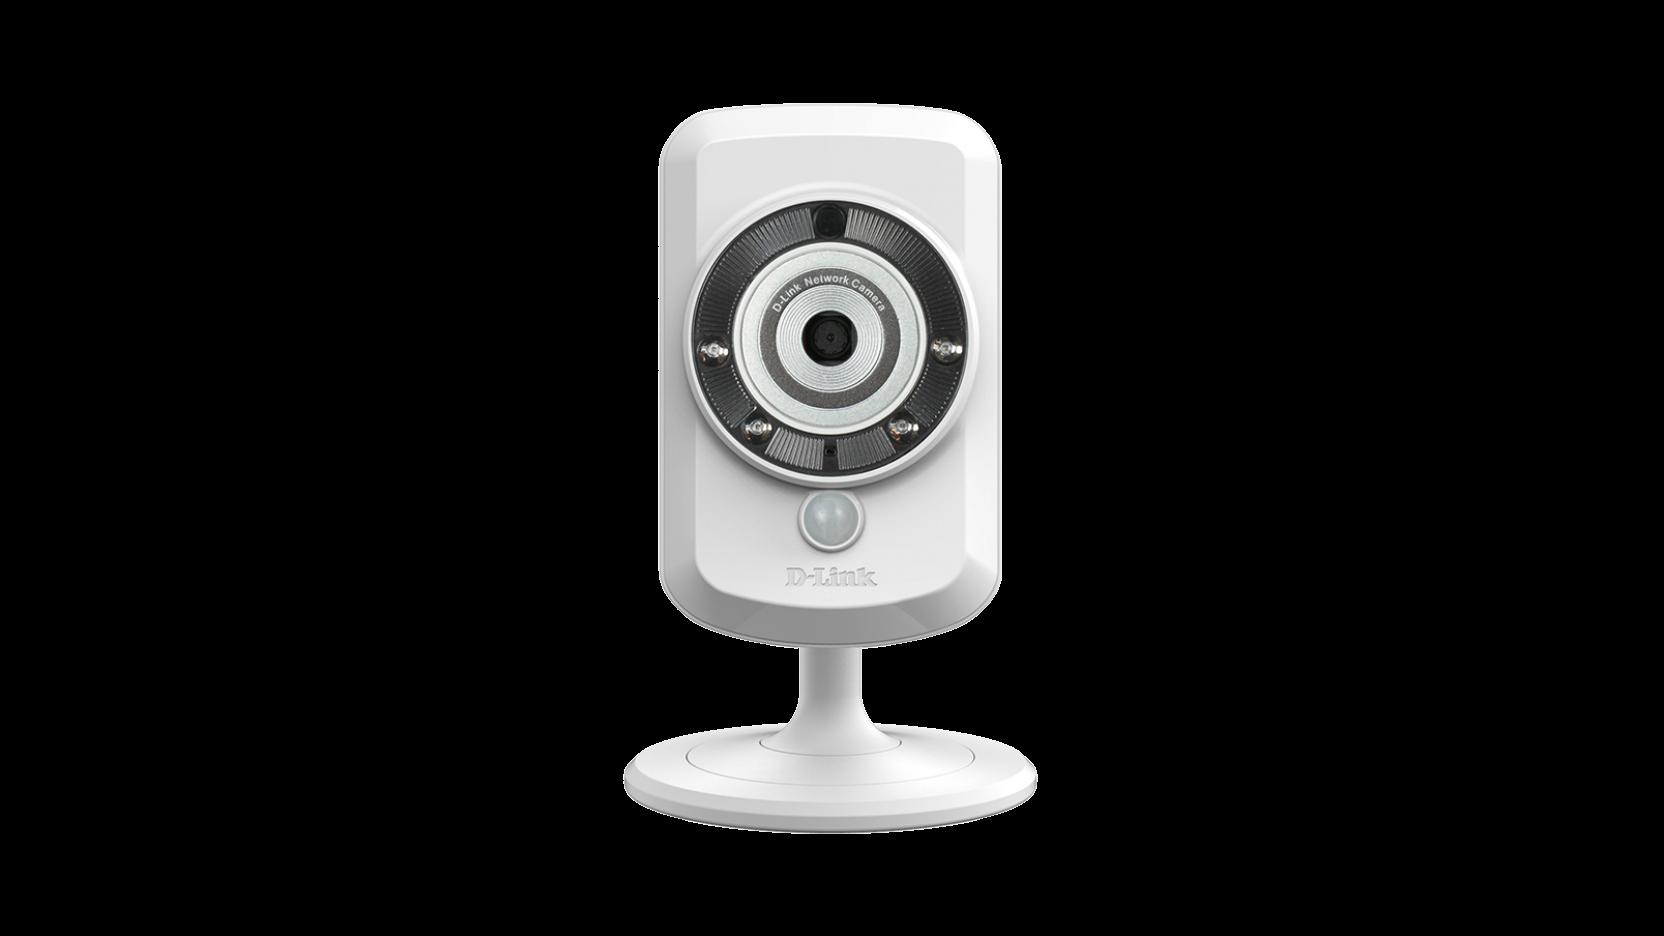 D-Link DCS-942L Camera Drivers Download Free